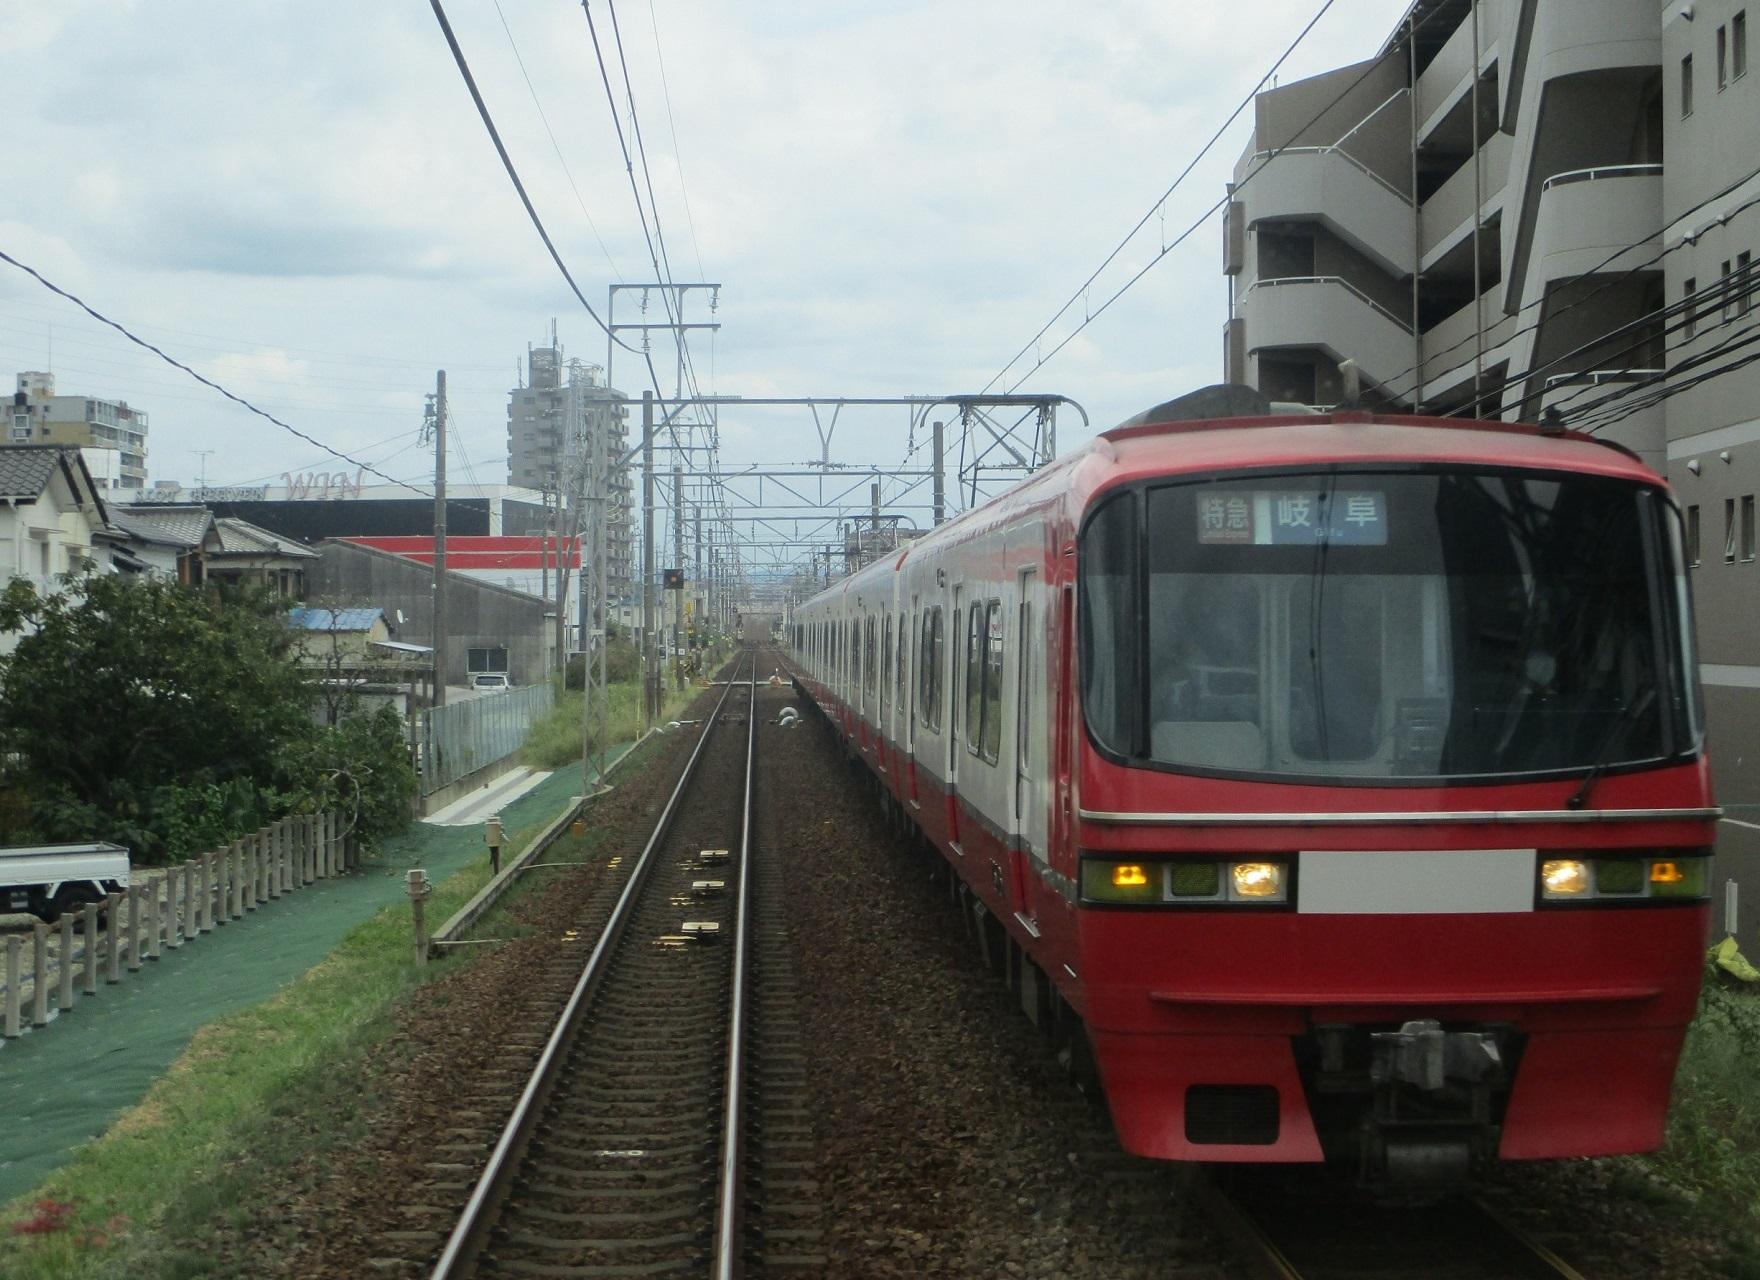 2019.10.7 (7) 東岡崎いきふつう - 宇頭矢作橋間 1760-1280